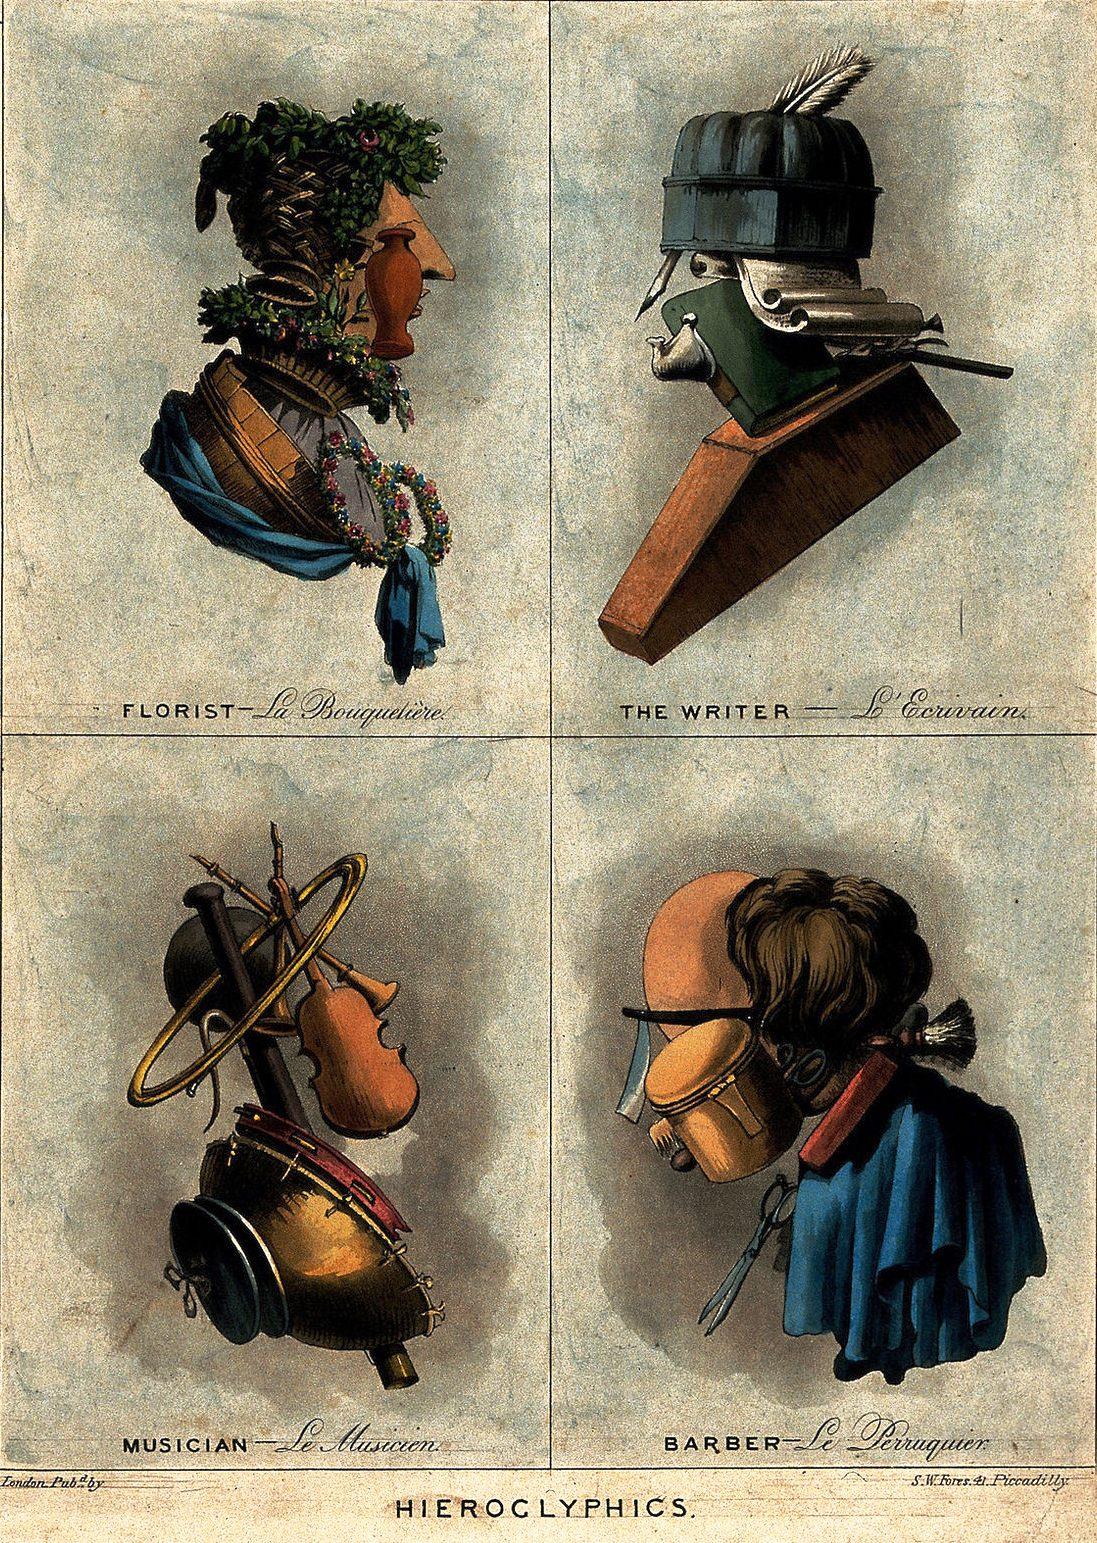 Флорист, писатель, музыкант, парикмахер, около 1800.